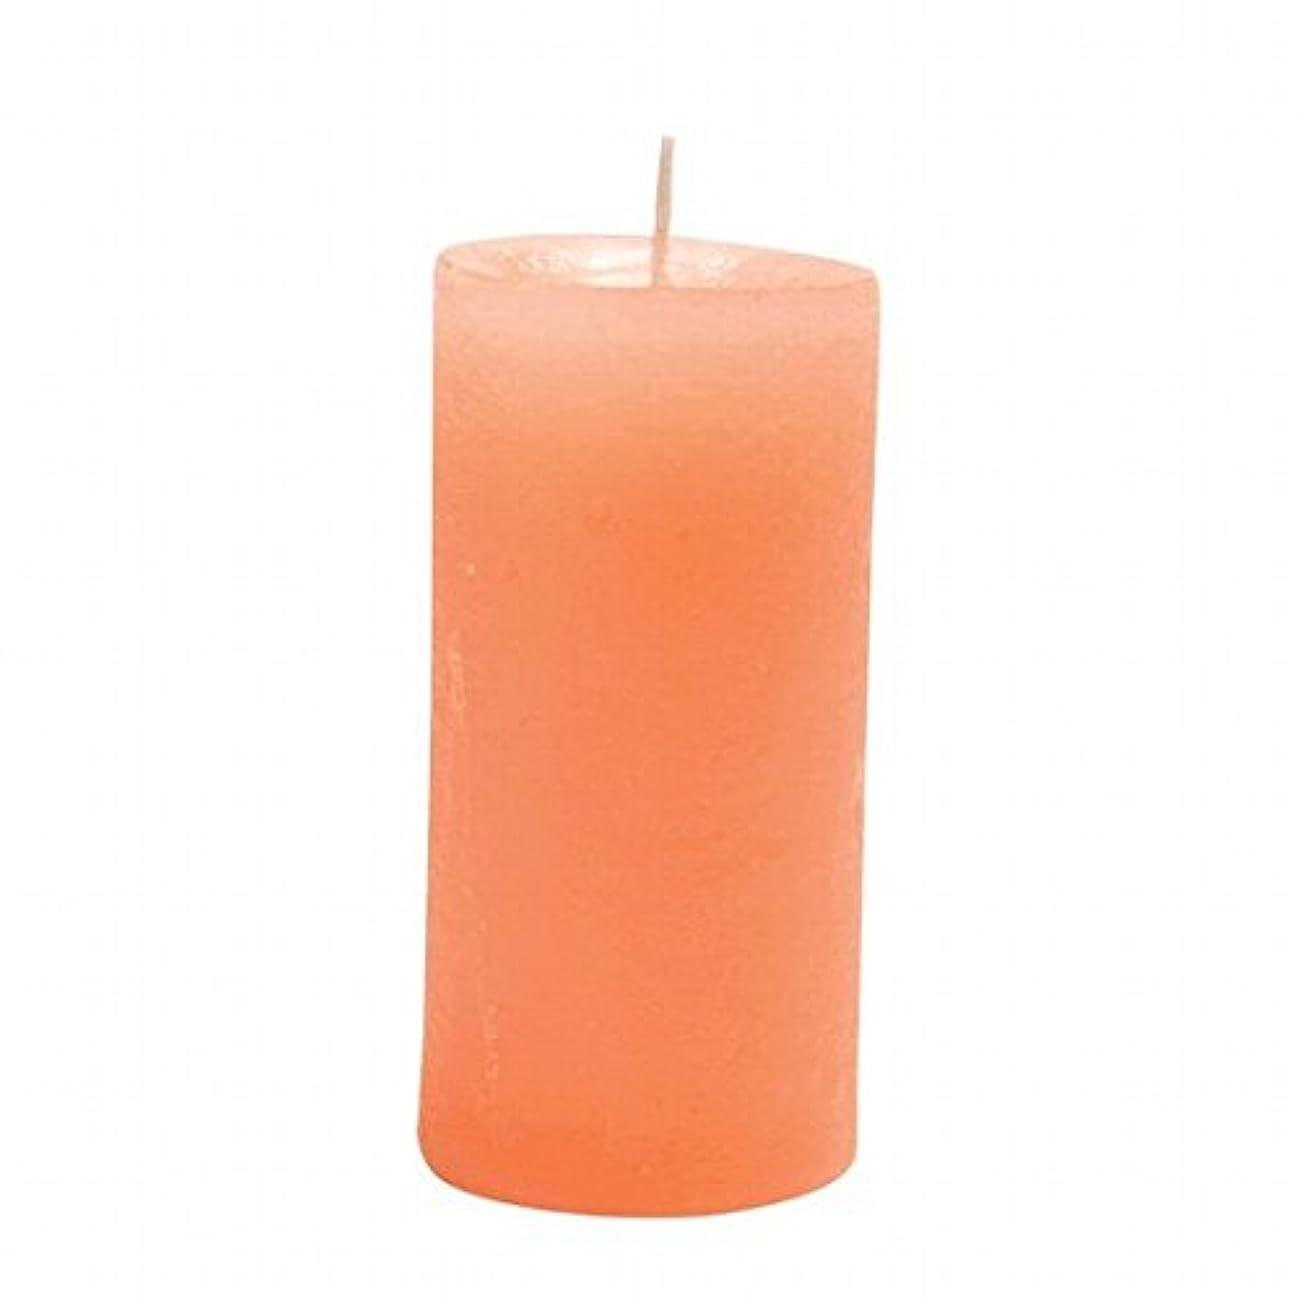 ハンカチナチュラ組立ヤンキーキャンドル( YANKEE CANDLE ) ラスティクピラー50×100 「 オレンジ 」